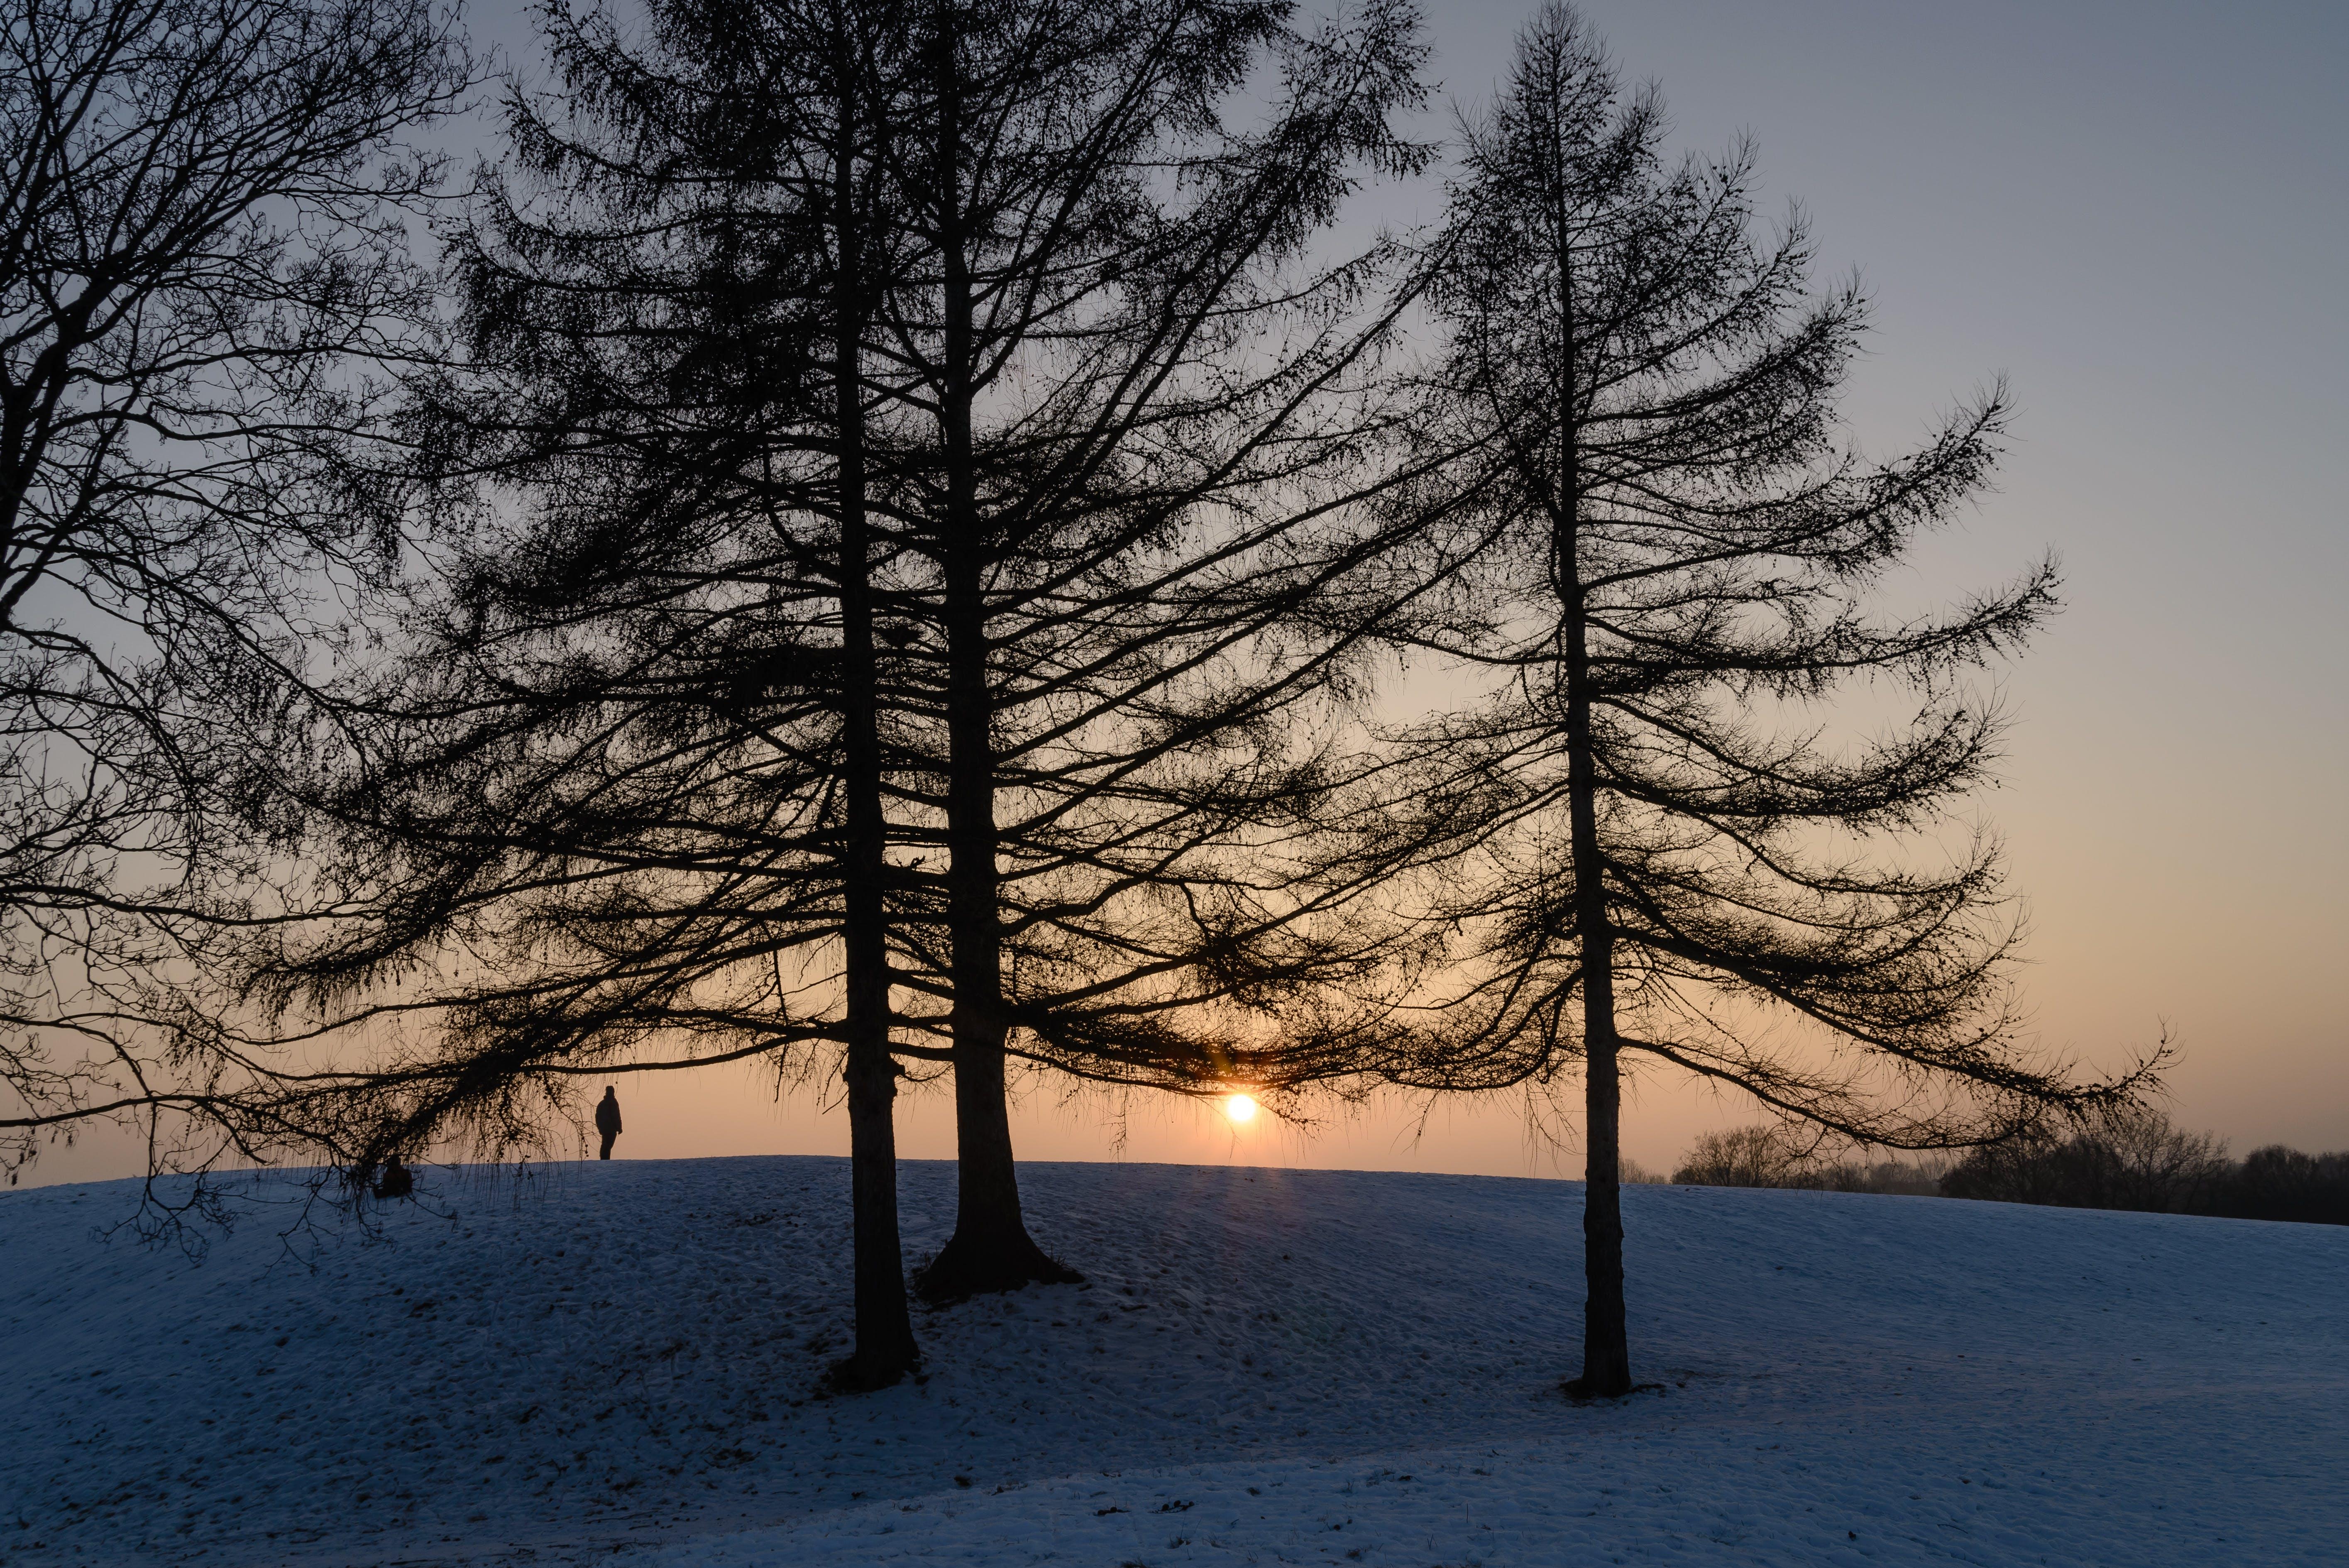 Kostenloses Stock Foto zu schnee, natur, sonnenuntergang, mann